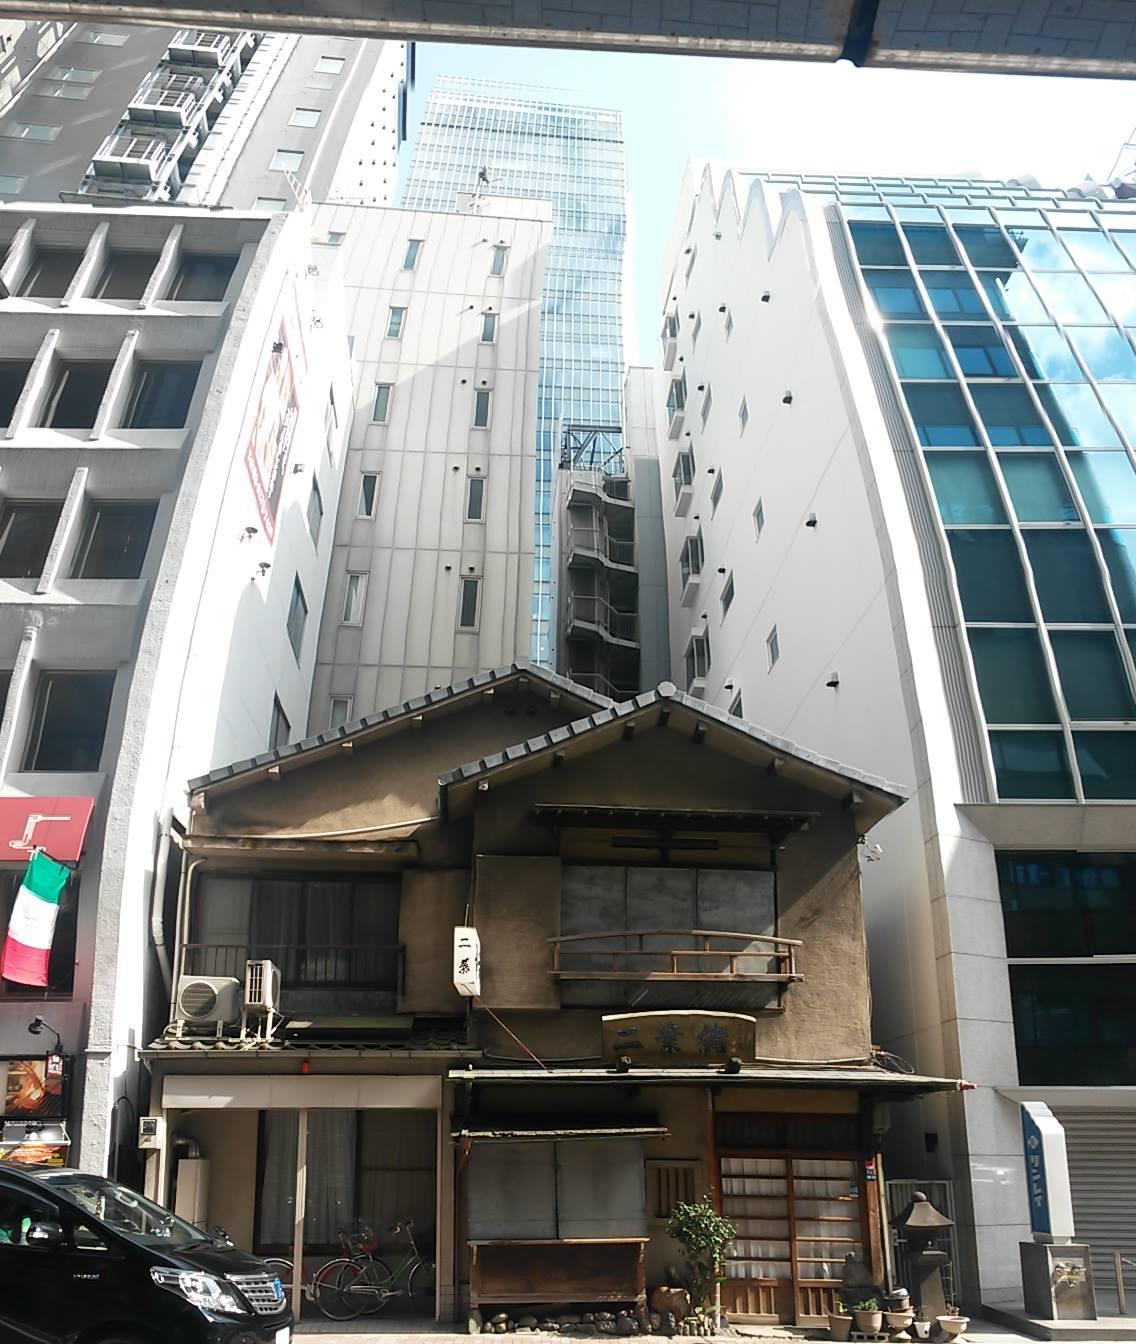 Giappone-piccola-casetta-tra-i-palazzi-Tokyo